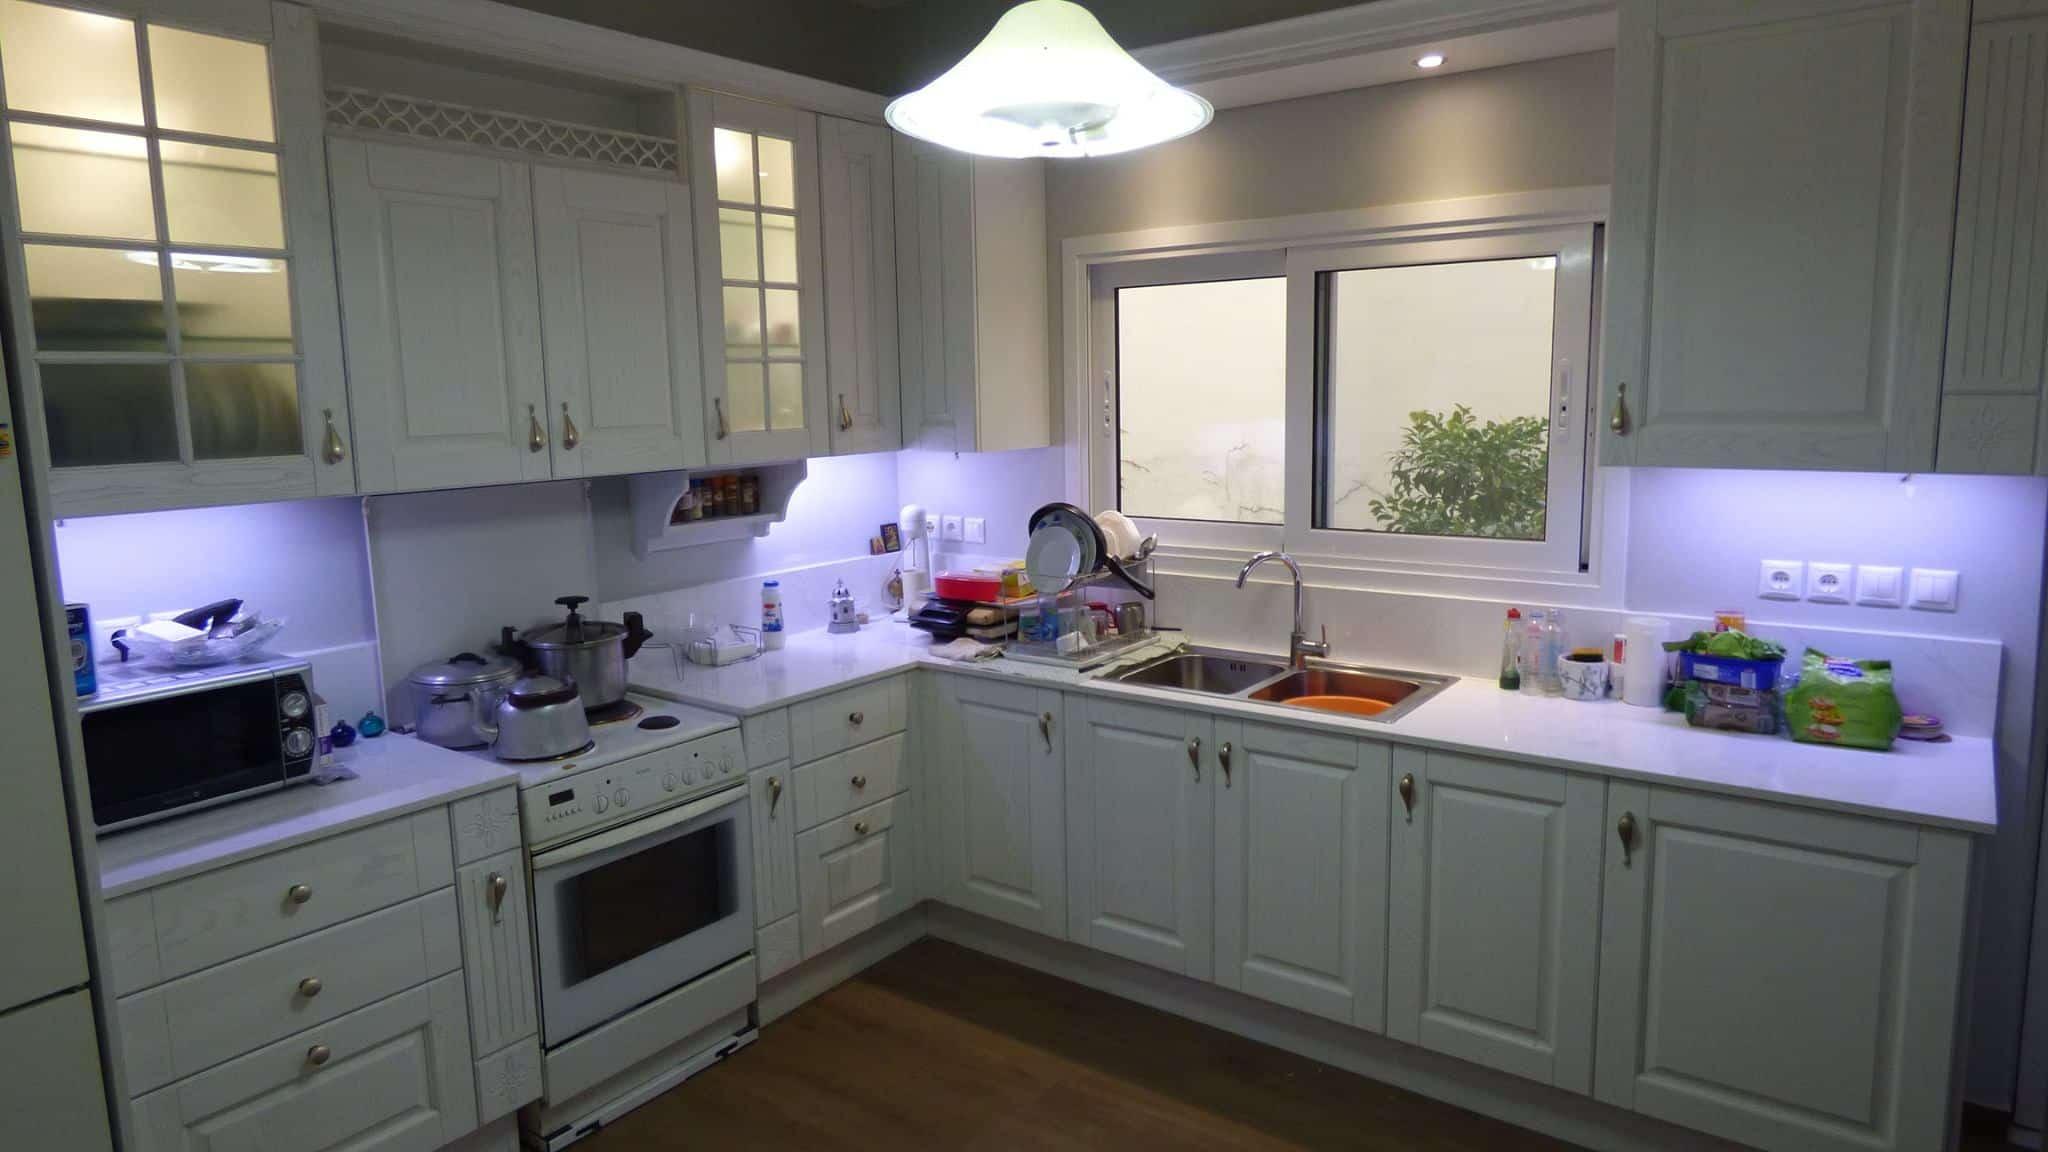 Επιπλα Κουζινας Μασιφ Ξυλο σε λευκο χρωματισμο